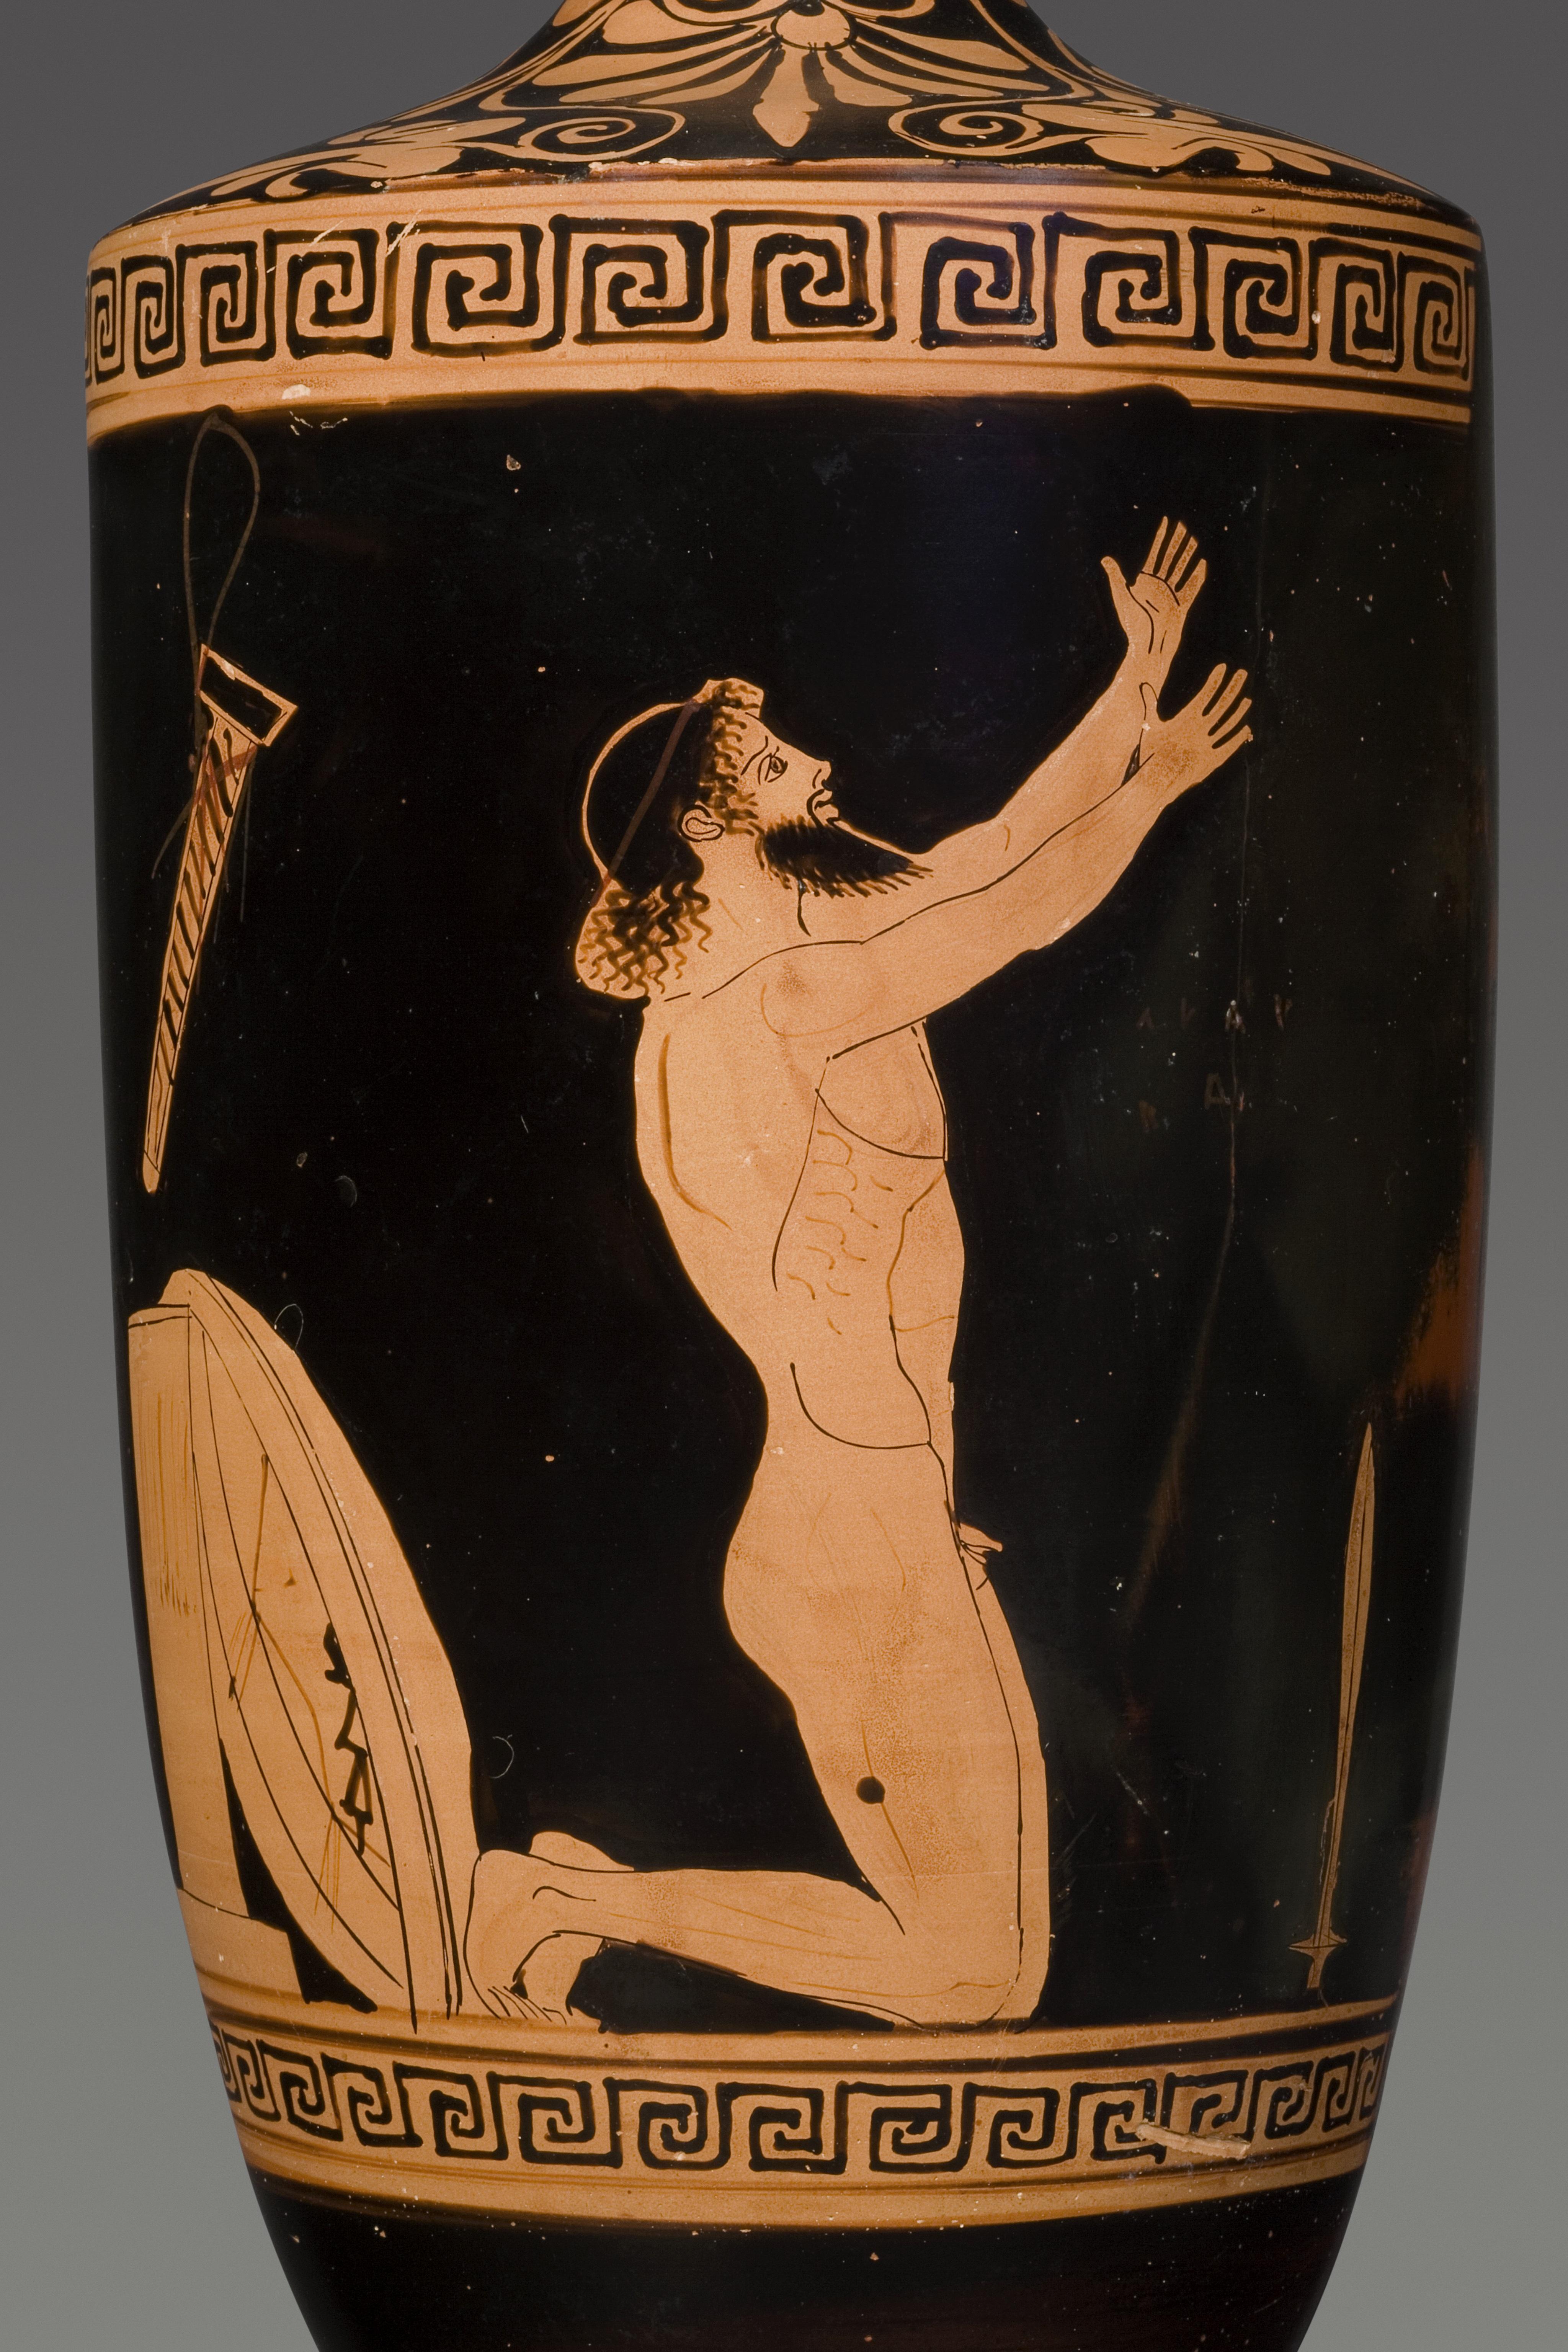 Λήκυθος. Η αυτοκτονία του Αίαντα 460 π.Χ. - Antikenmuseum Basel und Sammlung Ludwig